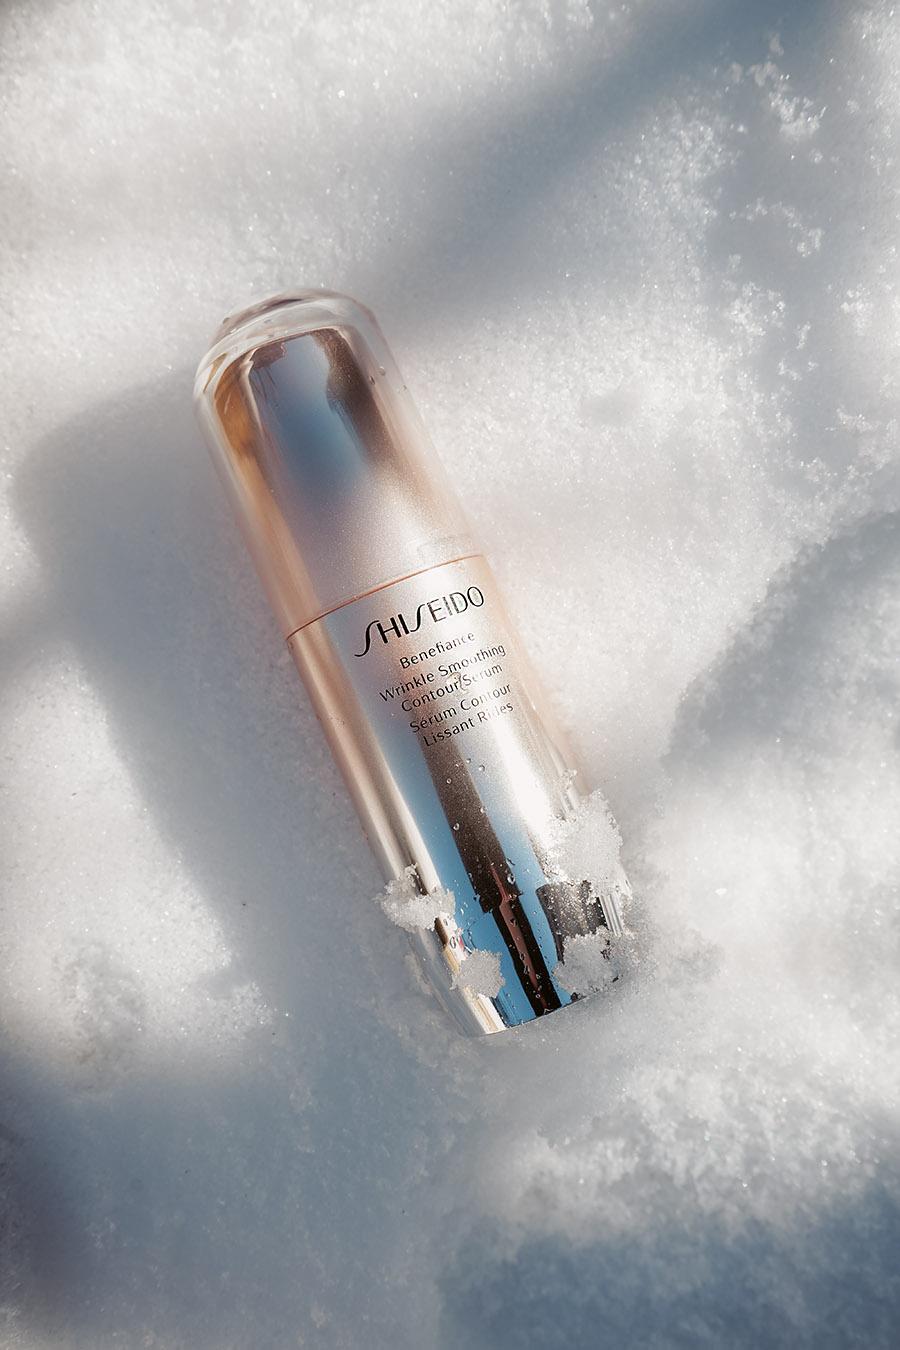 Gesichtsserum-Shiseido-für-Winter